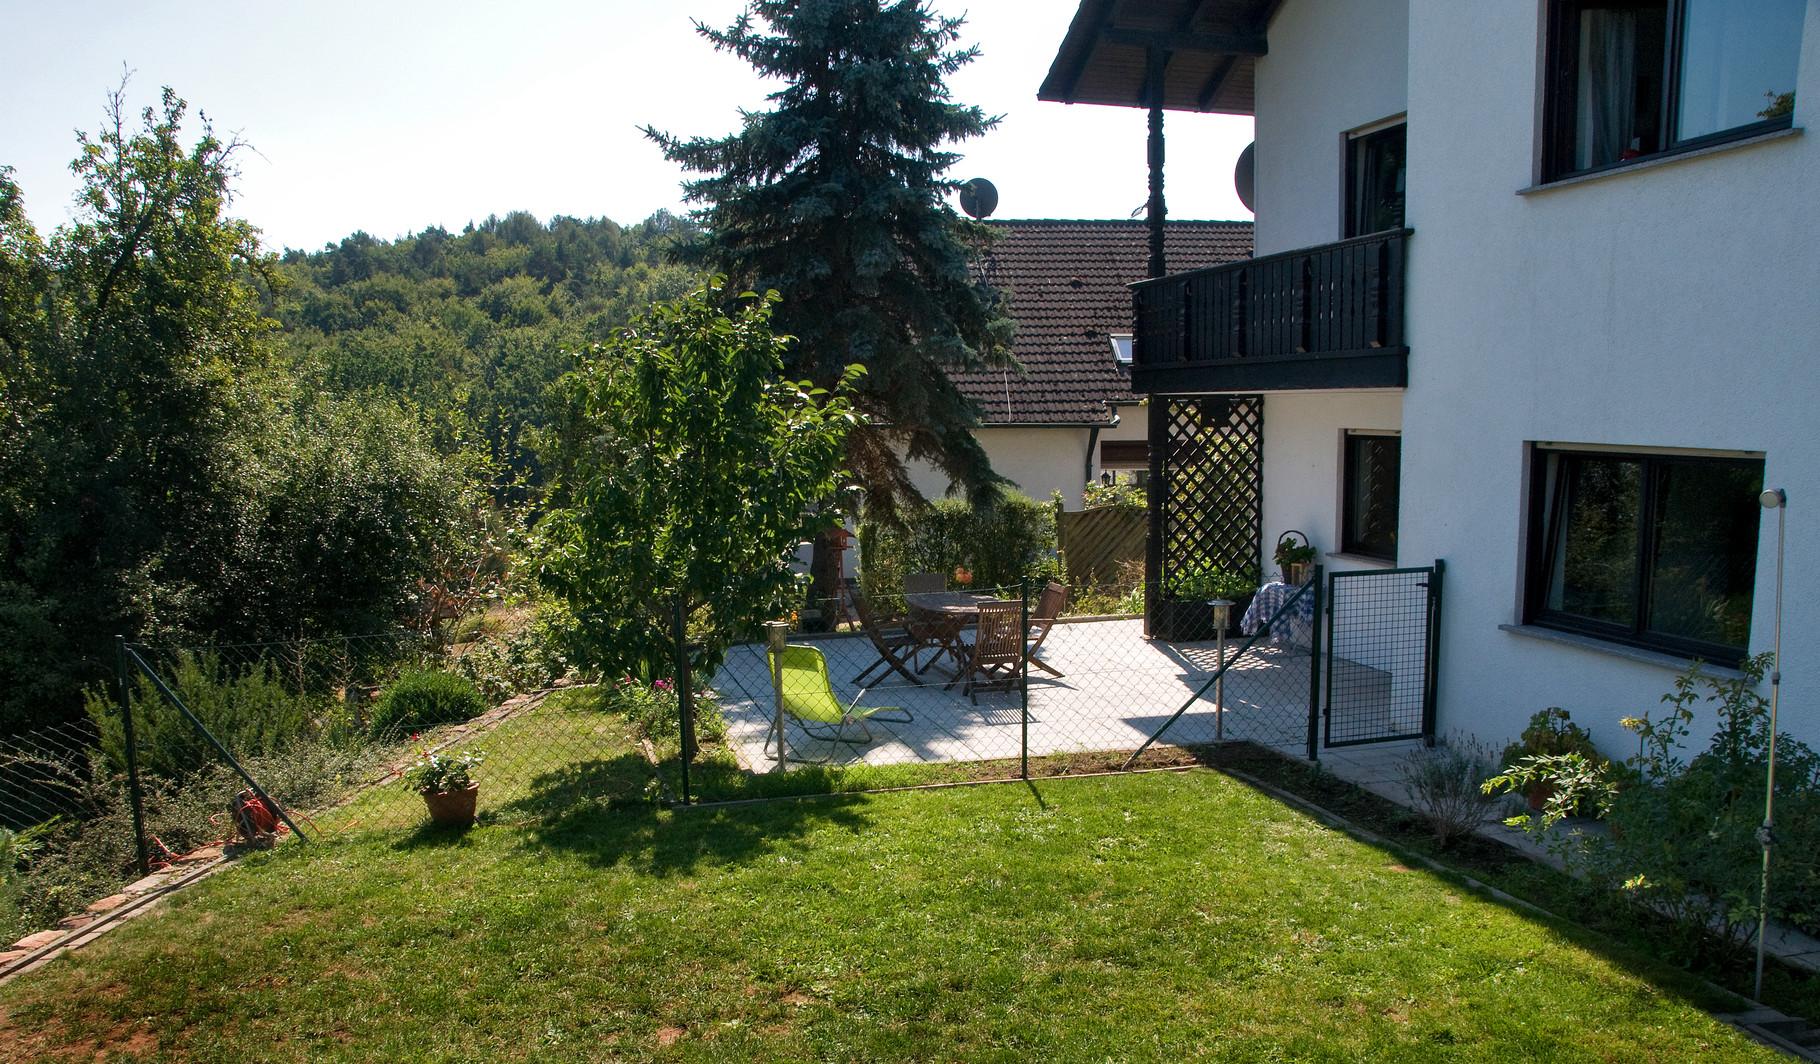 Blick auf die Ferienwohnung und Terrasse